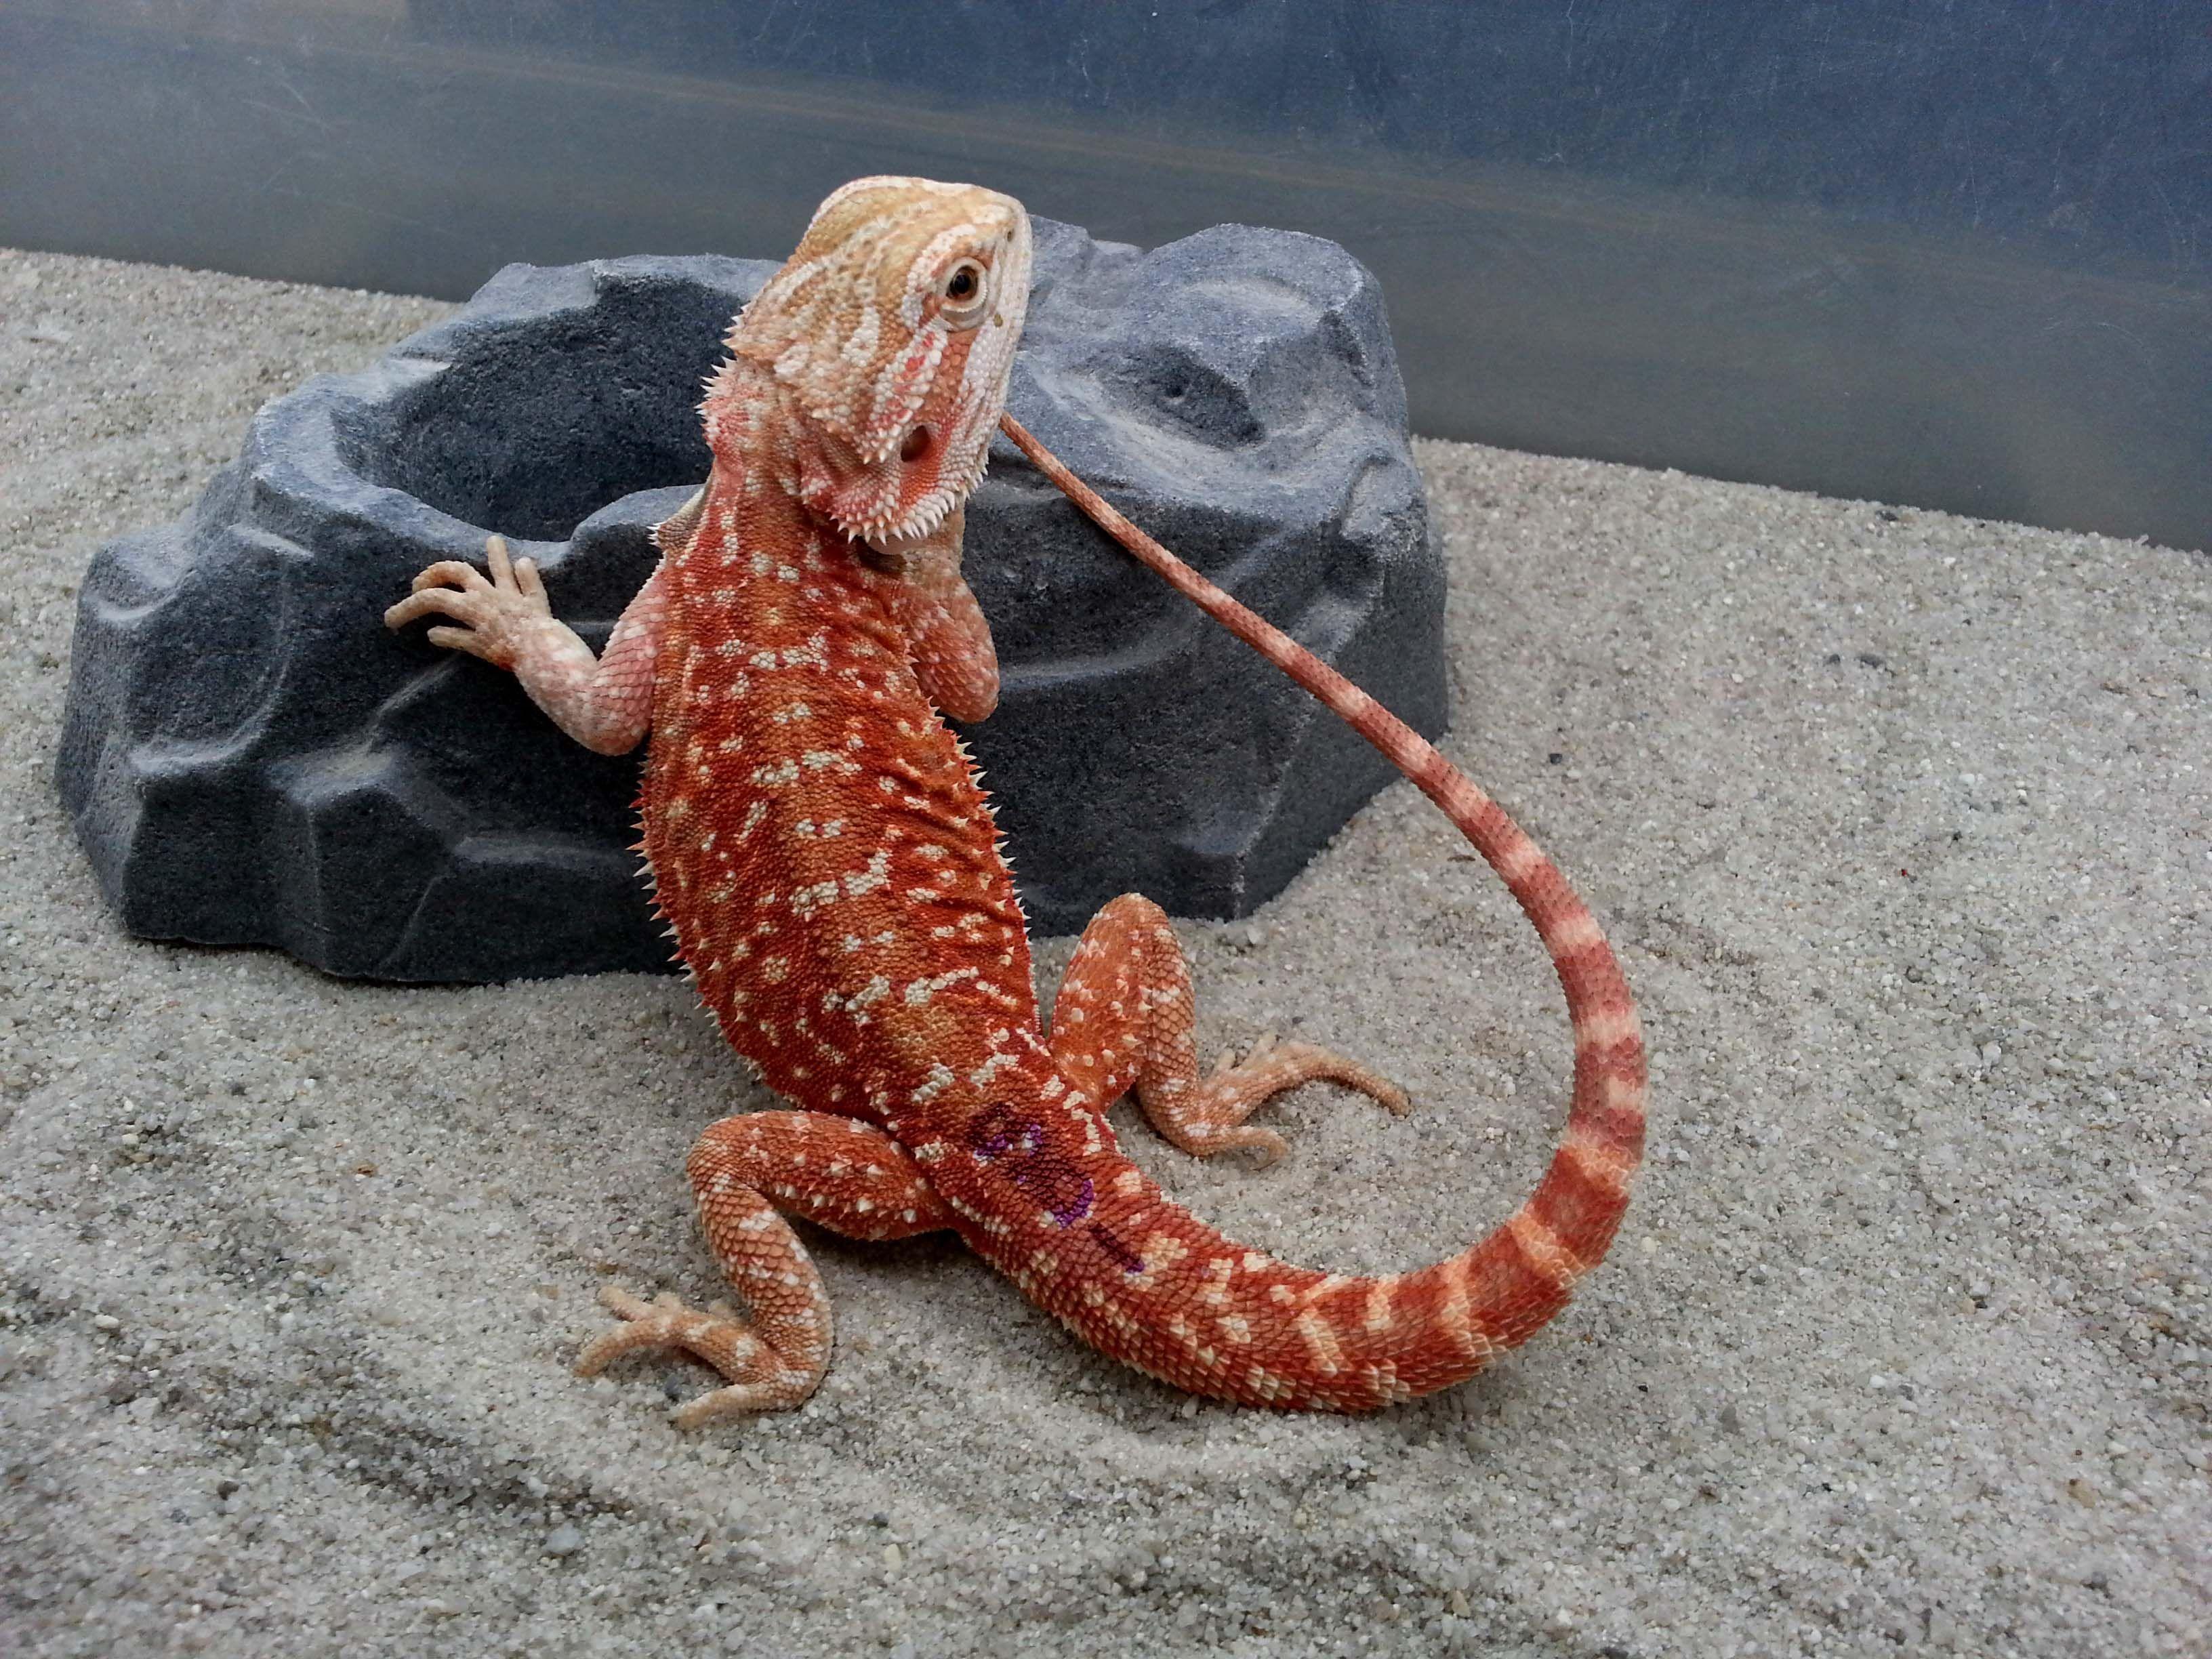 Dragons den herp new spotted dunner morph beardie